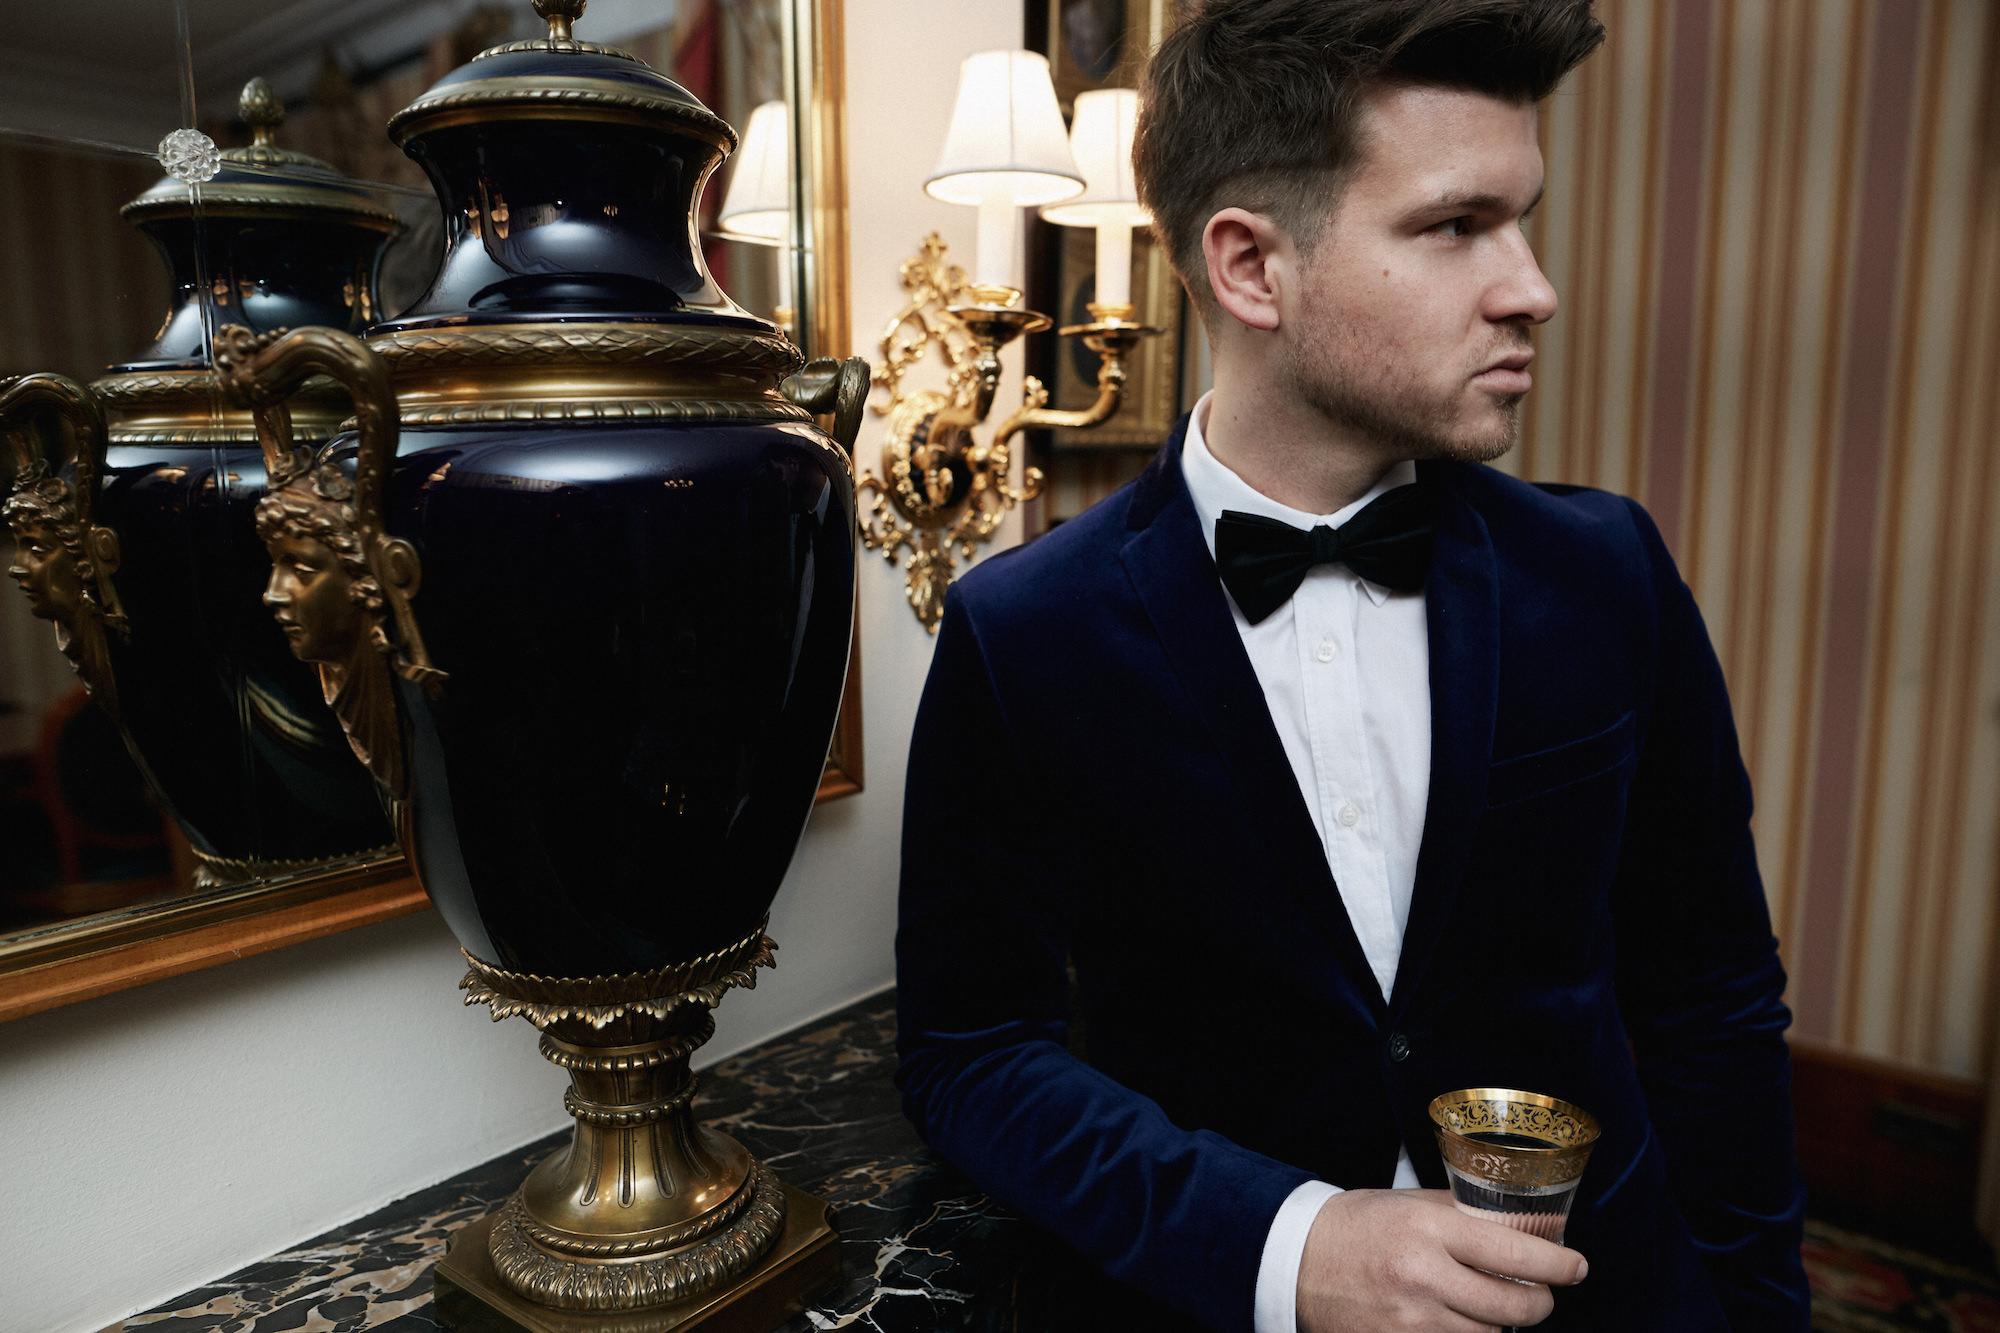 Elegantes Silvesteroutfit für Männer_Tiger of Sweden Samt Blazer_Meanwhile in Awesometown_Modeblogger_Mens Fashion und Lifestyleblogger_Wiener Blogger_Maleblogger13